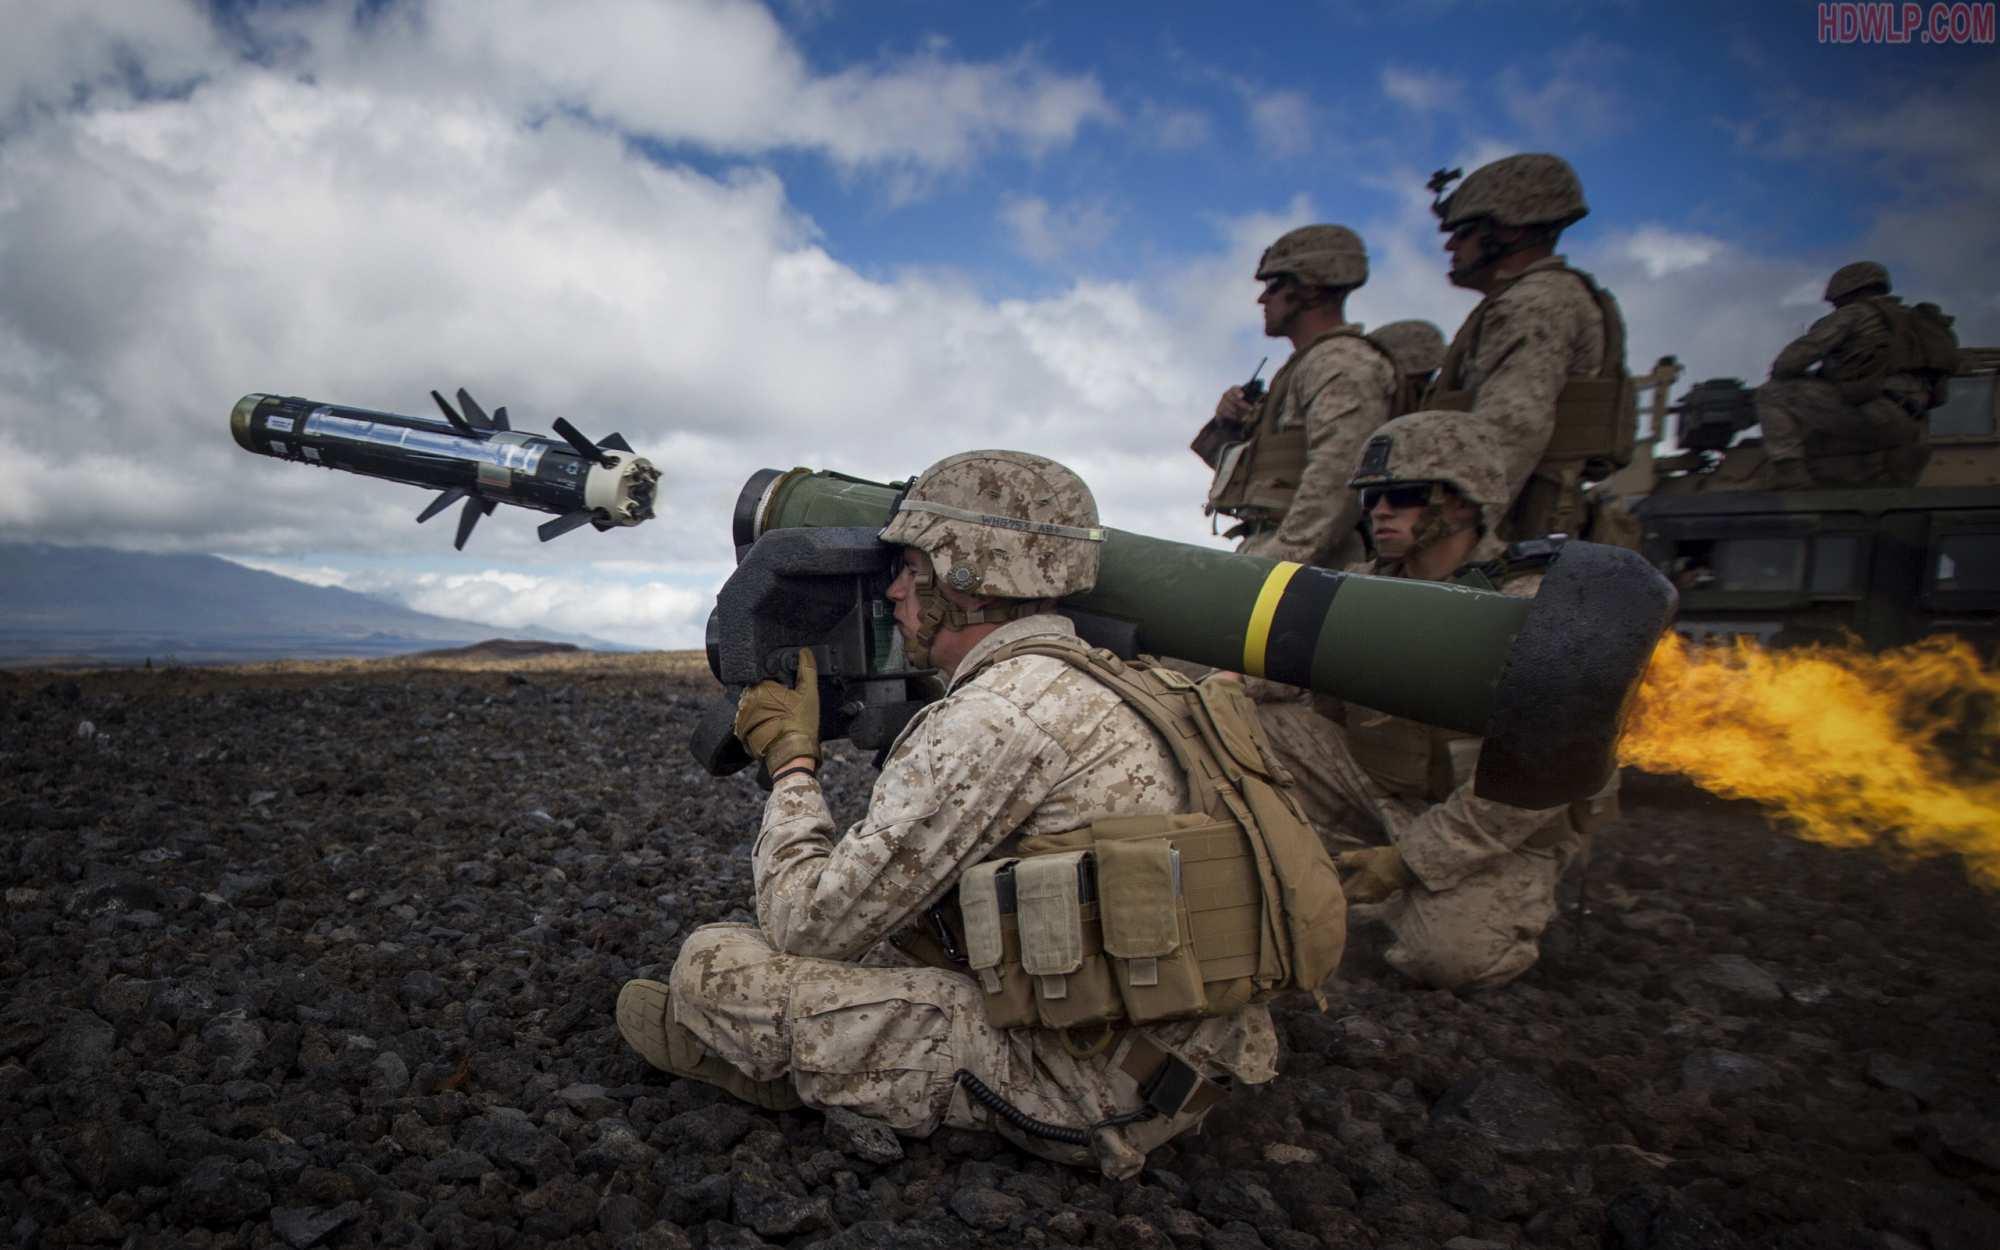 «Джавелины» — только начало, военная помощь Украине будет значительной, — Госдеп | Русская весна